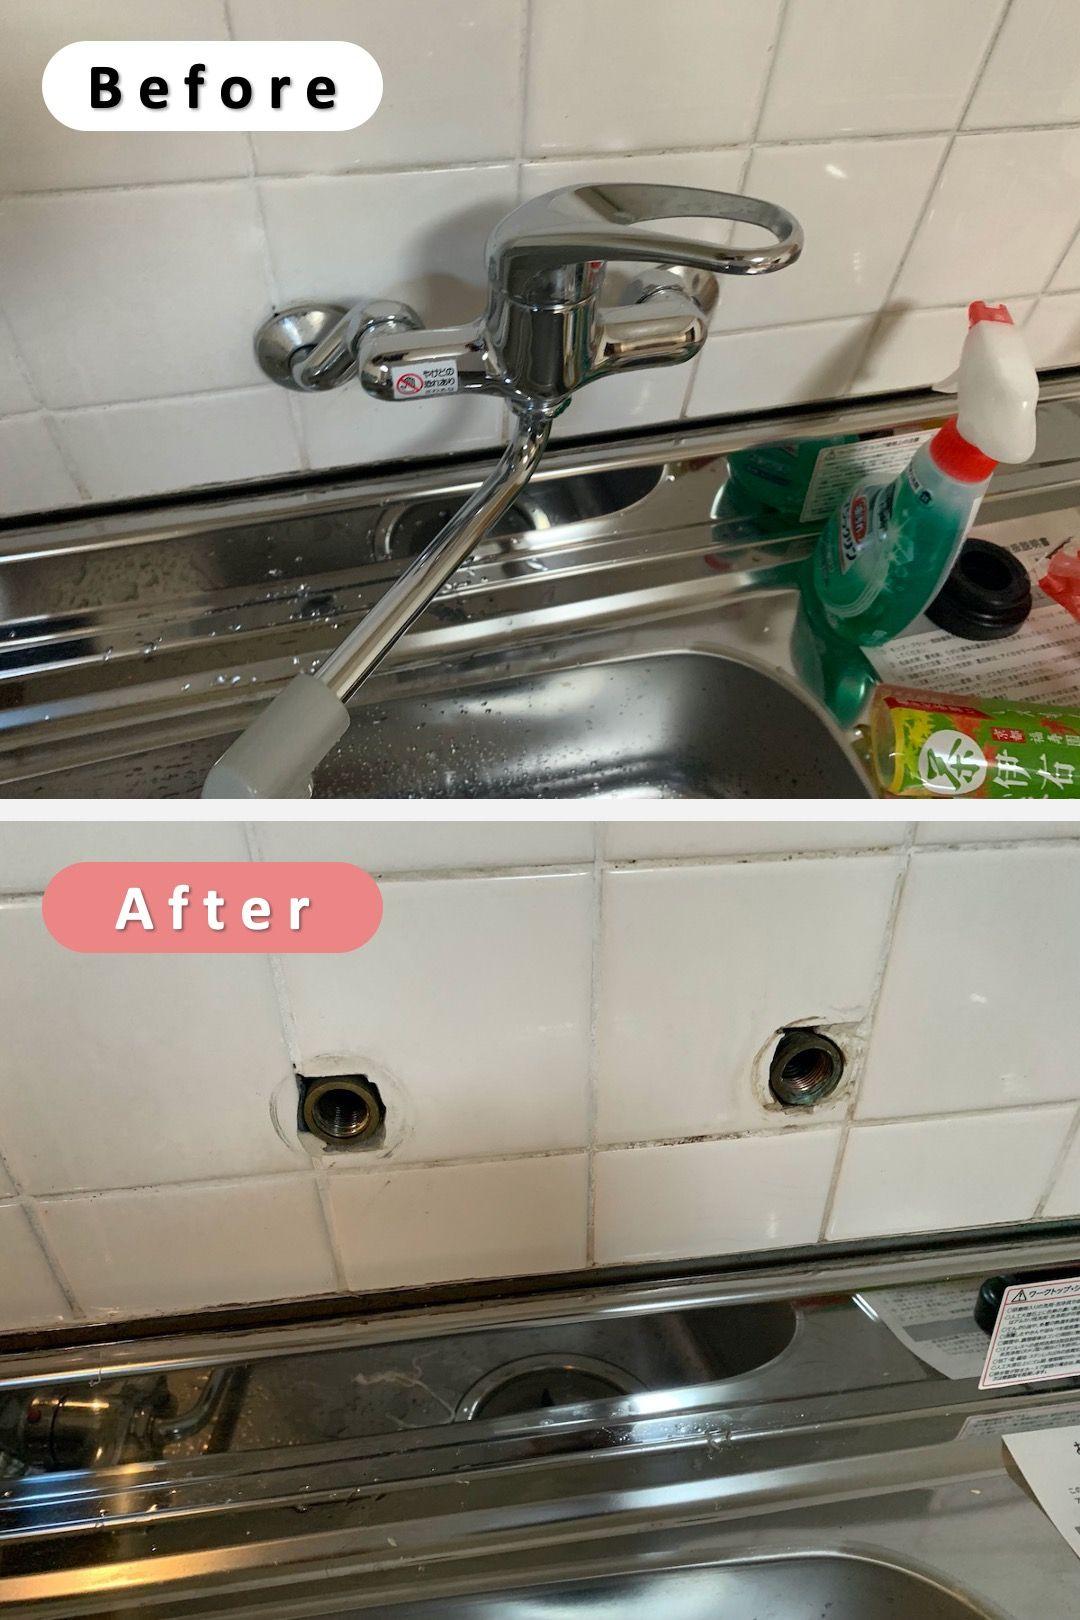 キッチンのシングルレバー混合栓をdiyで取り外す方法 壁付タイプ キッチン 壁 日曜大工のプラン